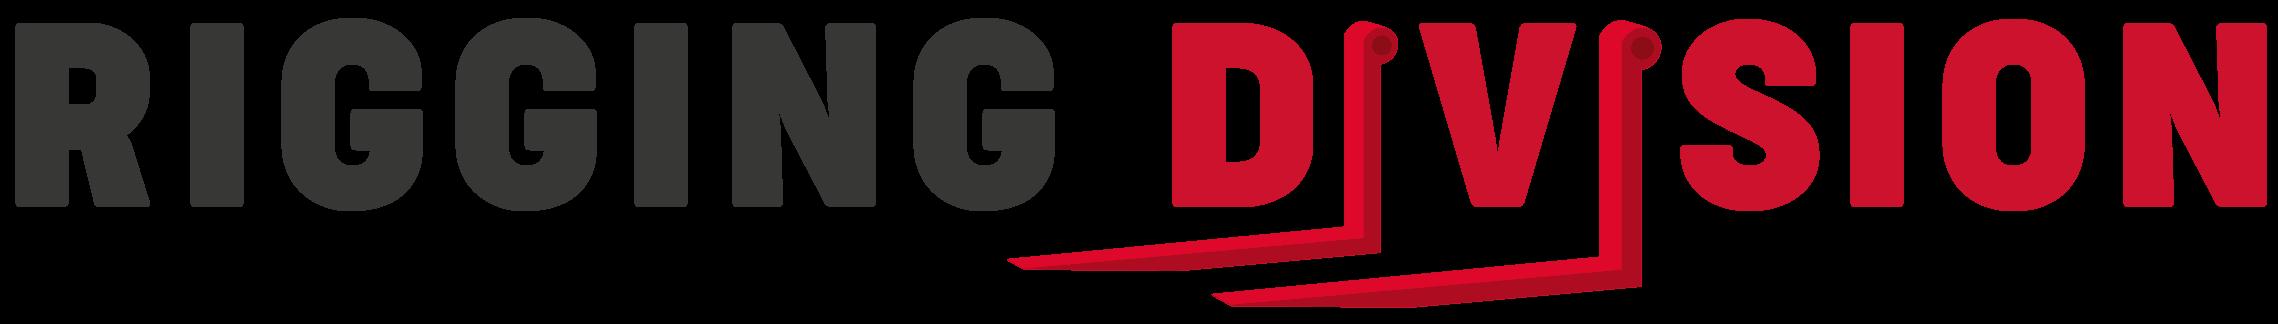 rigging division GMVykon